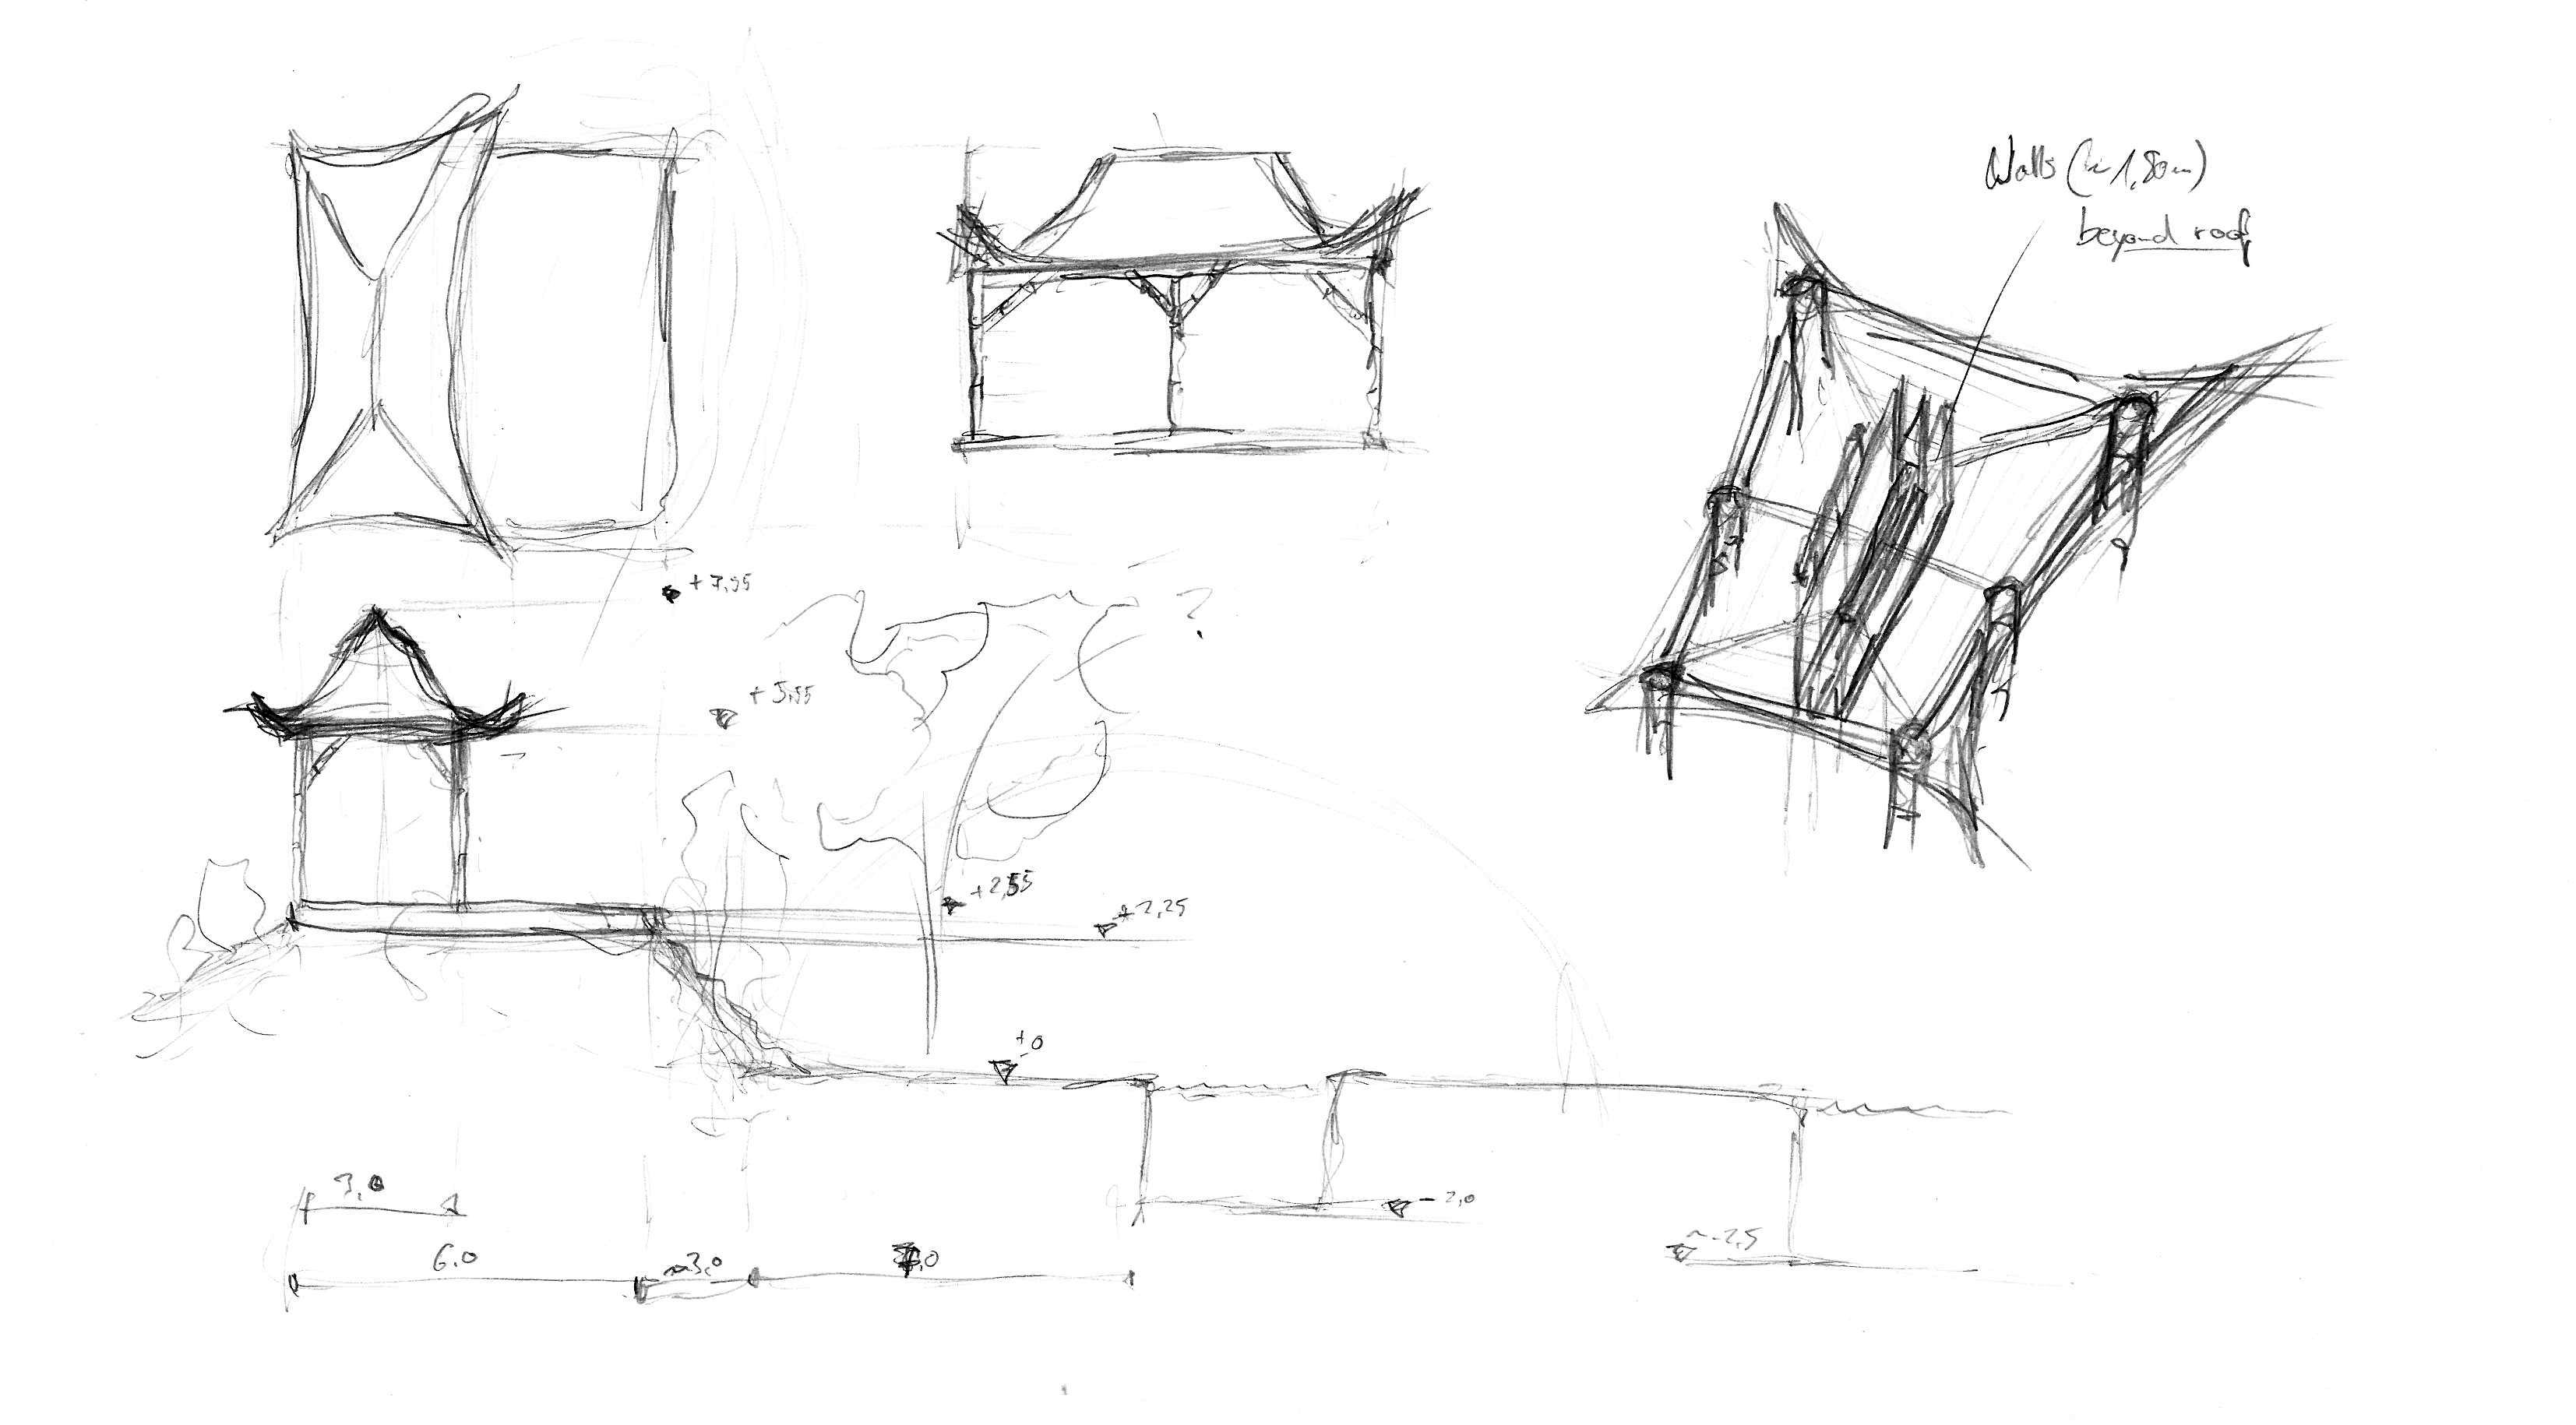 Daniel_Tauer_Projekt_Bali_Zeichnung_11